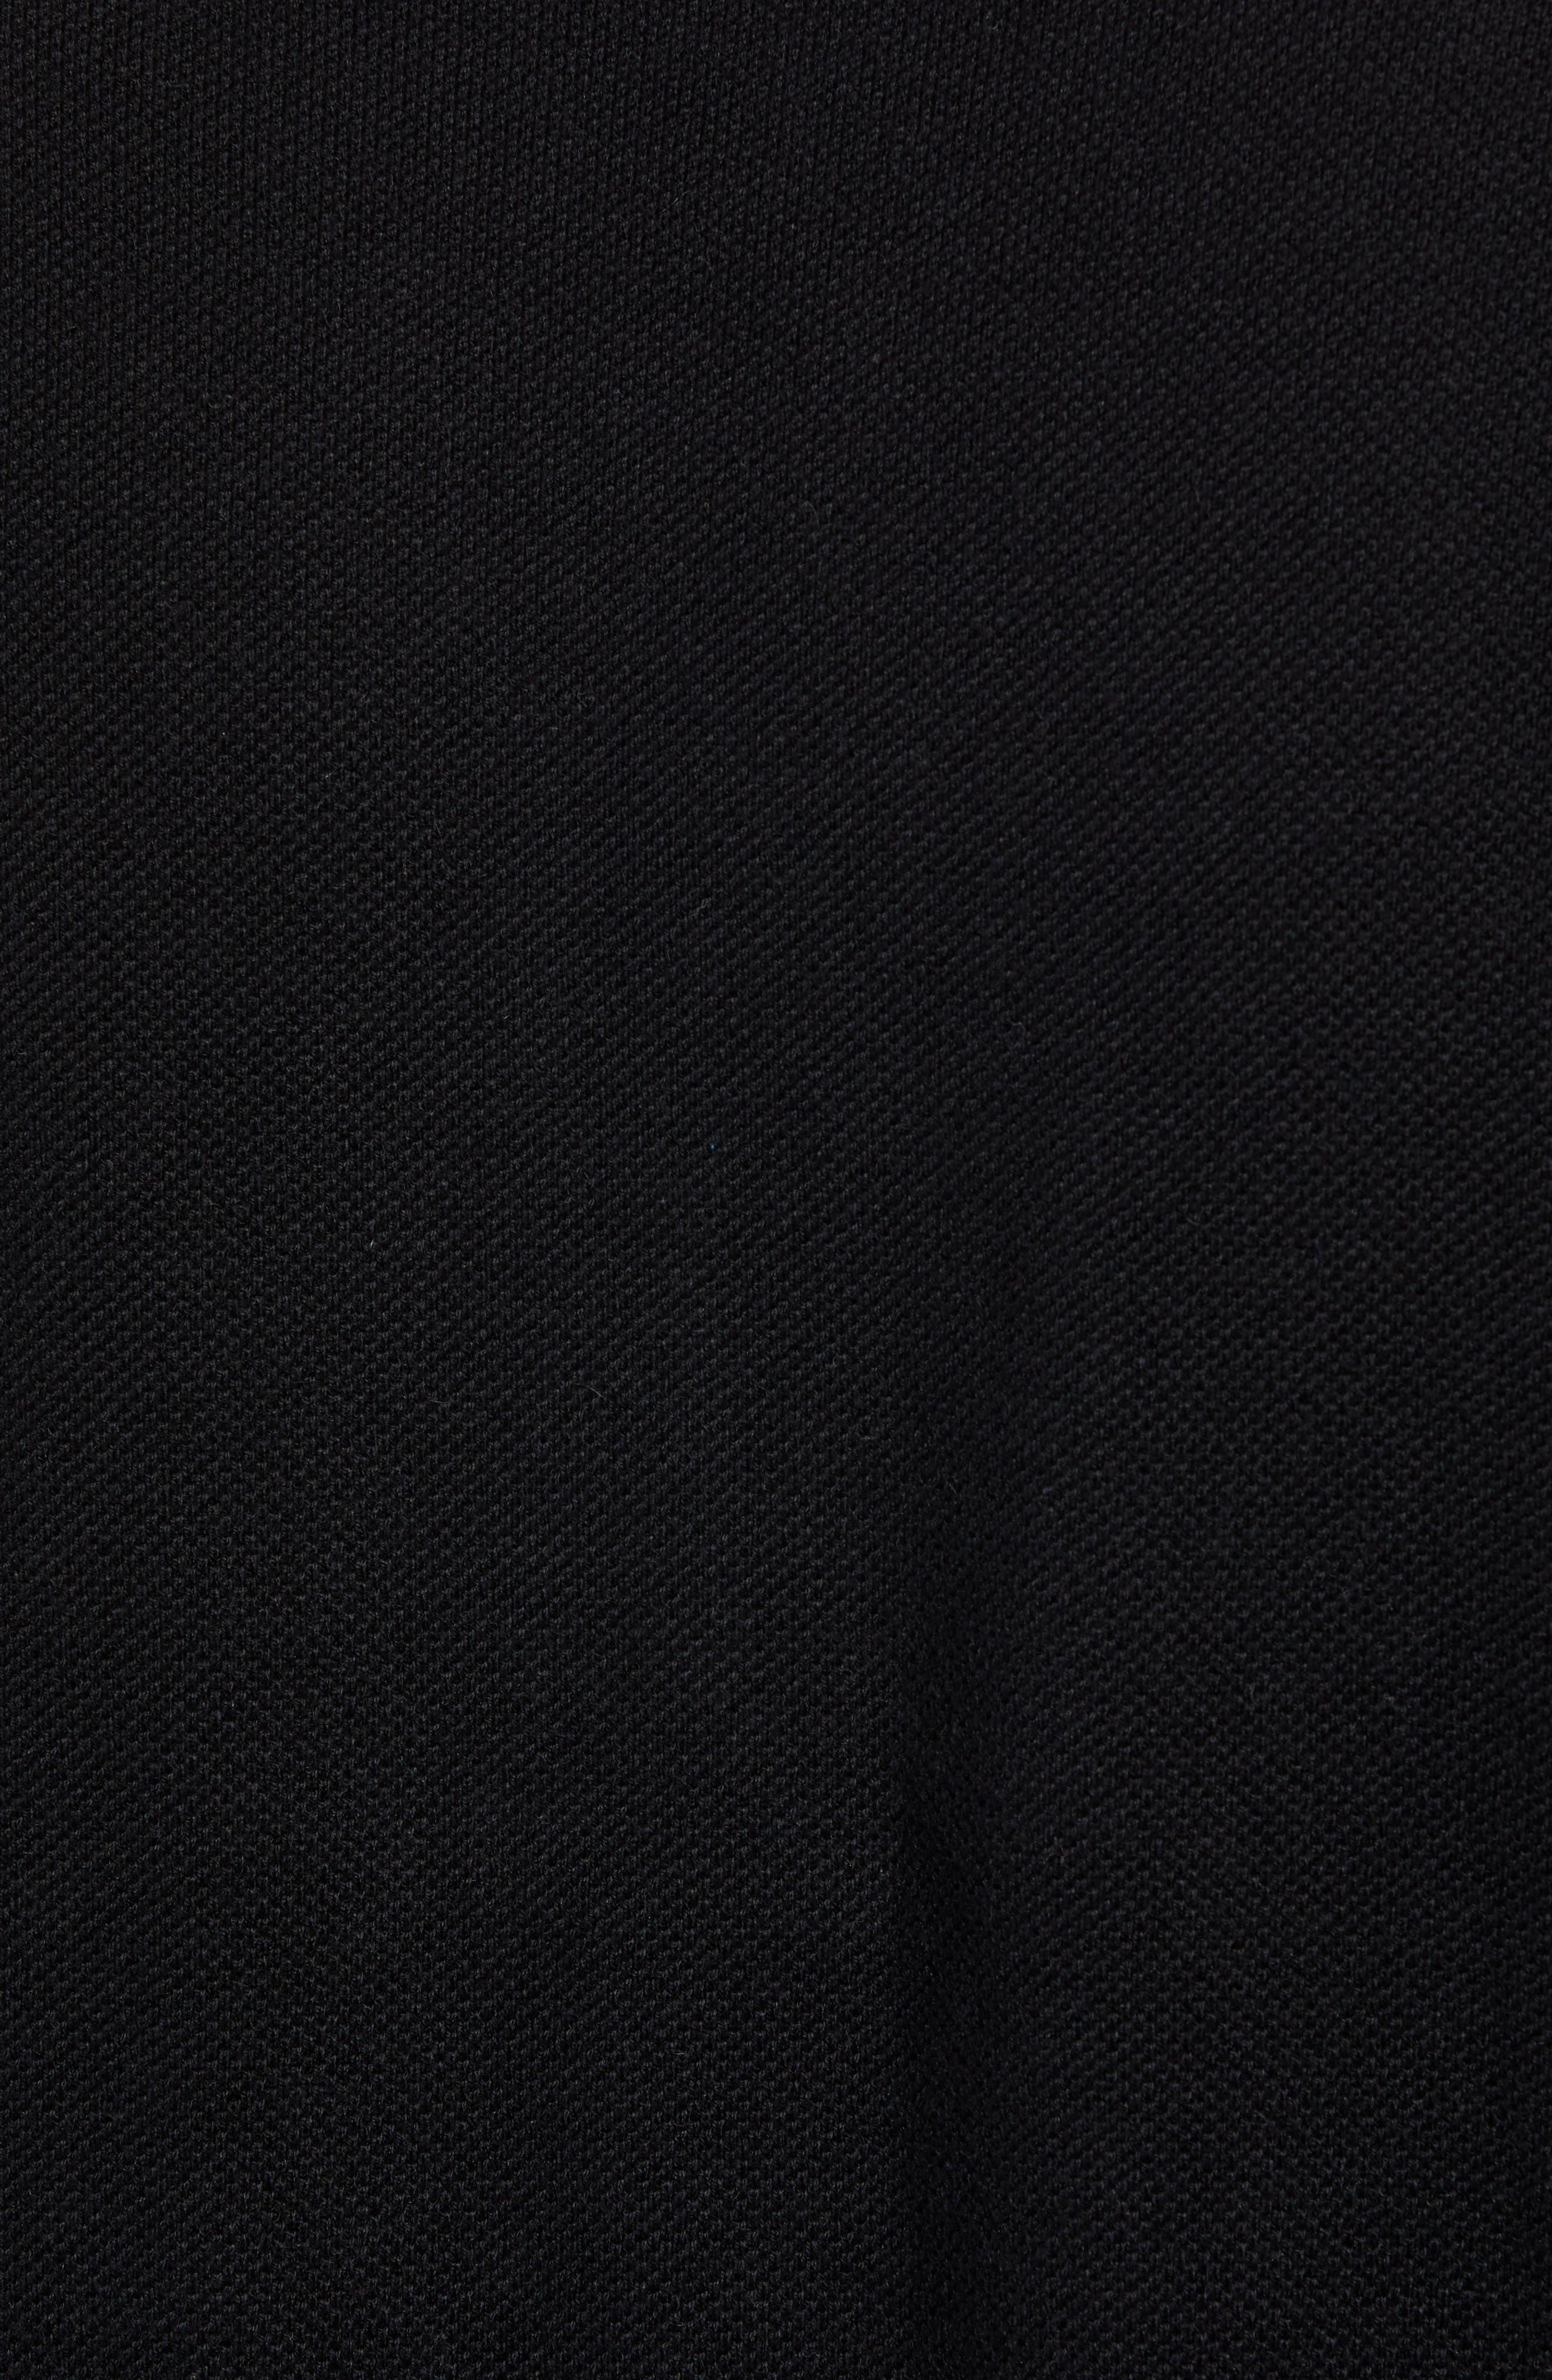 Cotton & Cashmere Piqué Crewneck Sweater,                             Alternate thumbnail 5, color,                             001